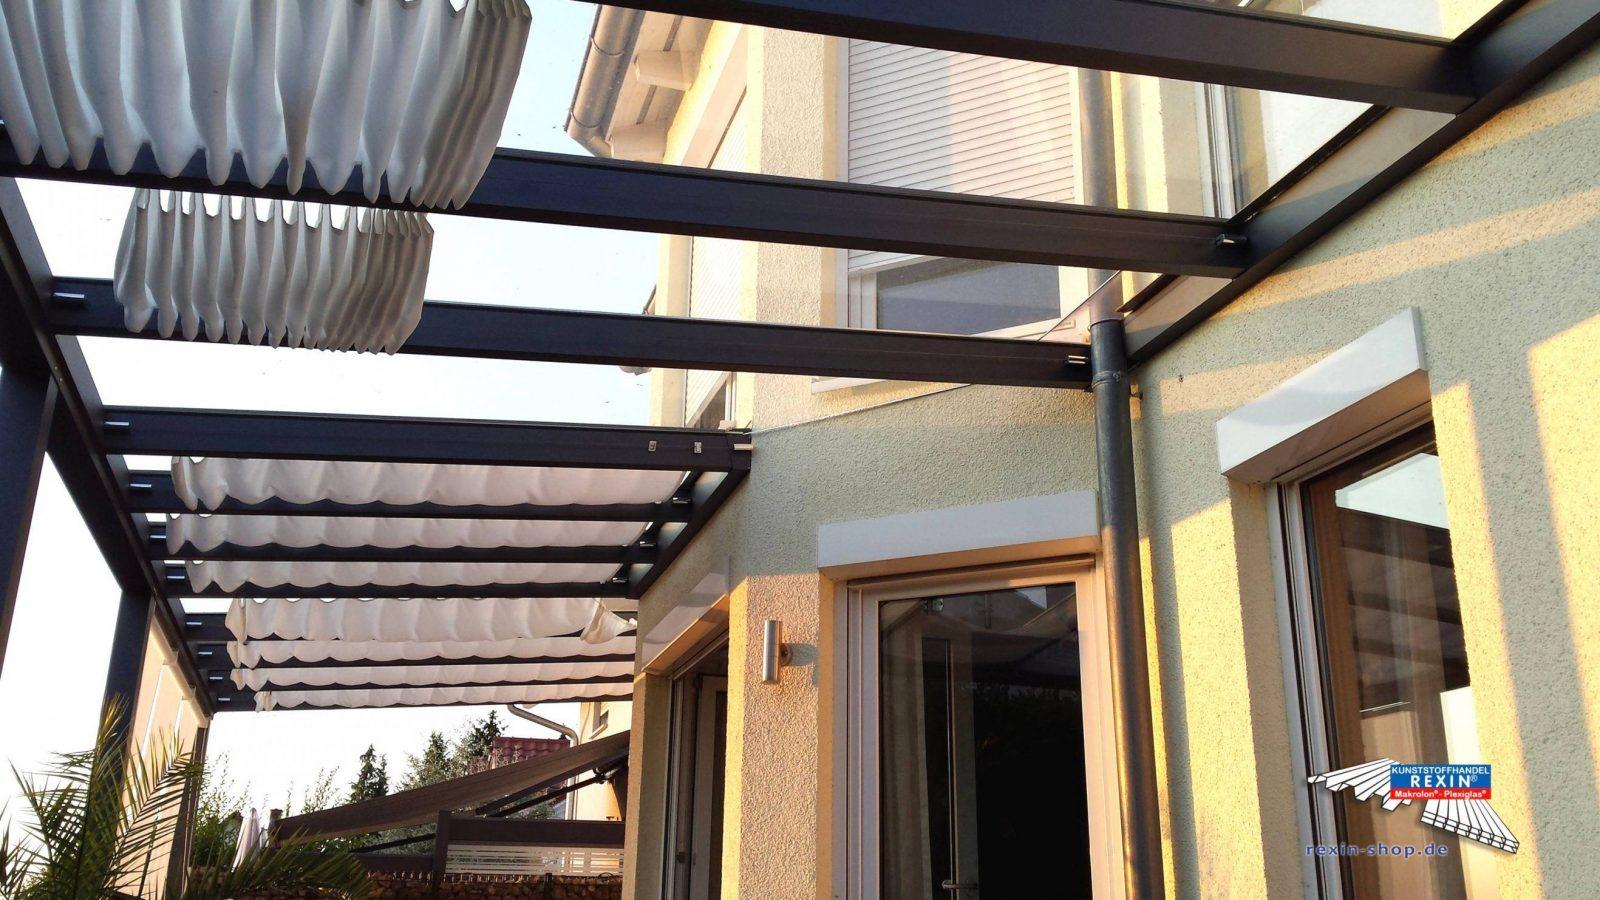 Windschutz Selber Bauen Terrassen Windschutz Holz Balkon Seitenwand von Balkon Aus Holz Selber Bauen Photo